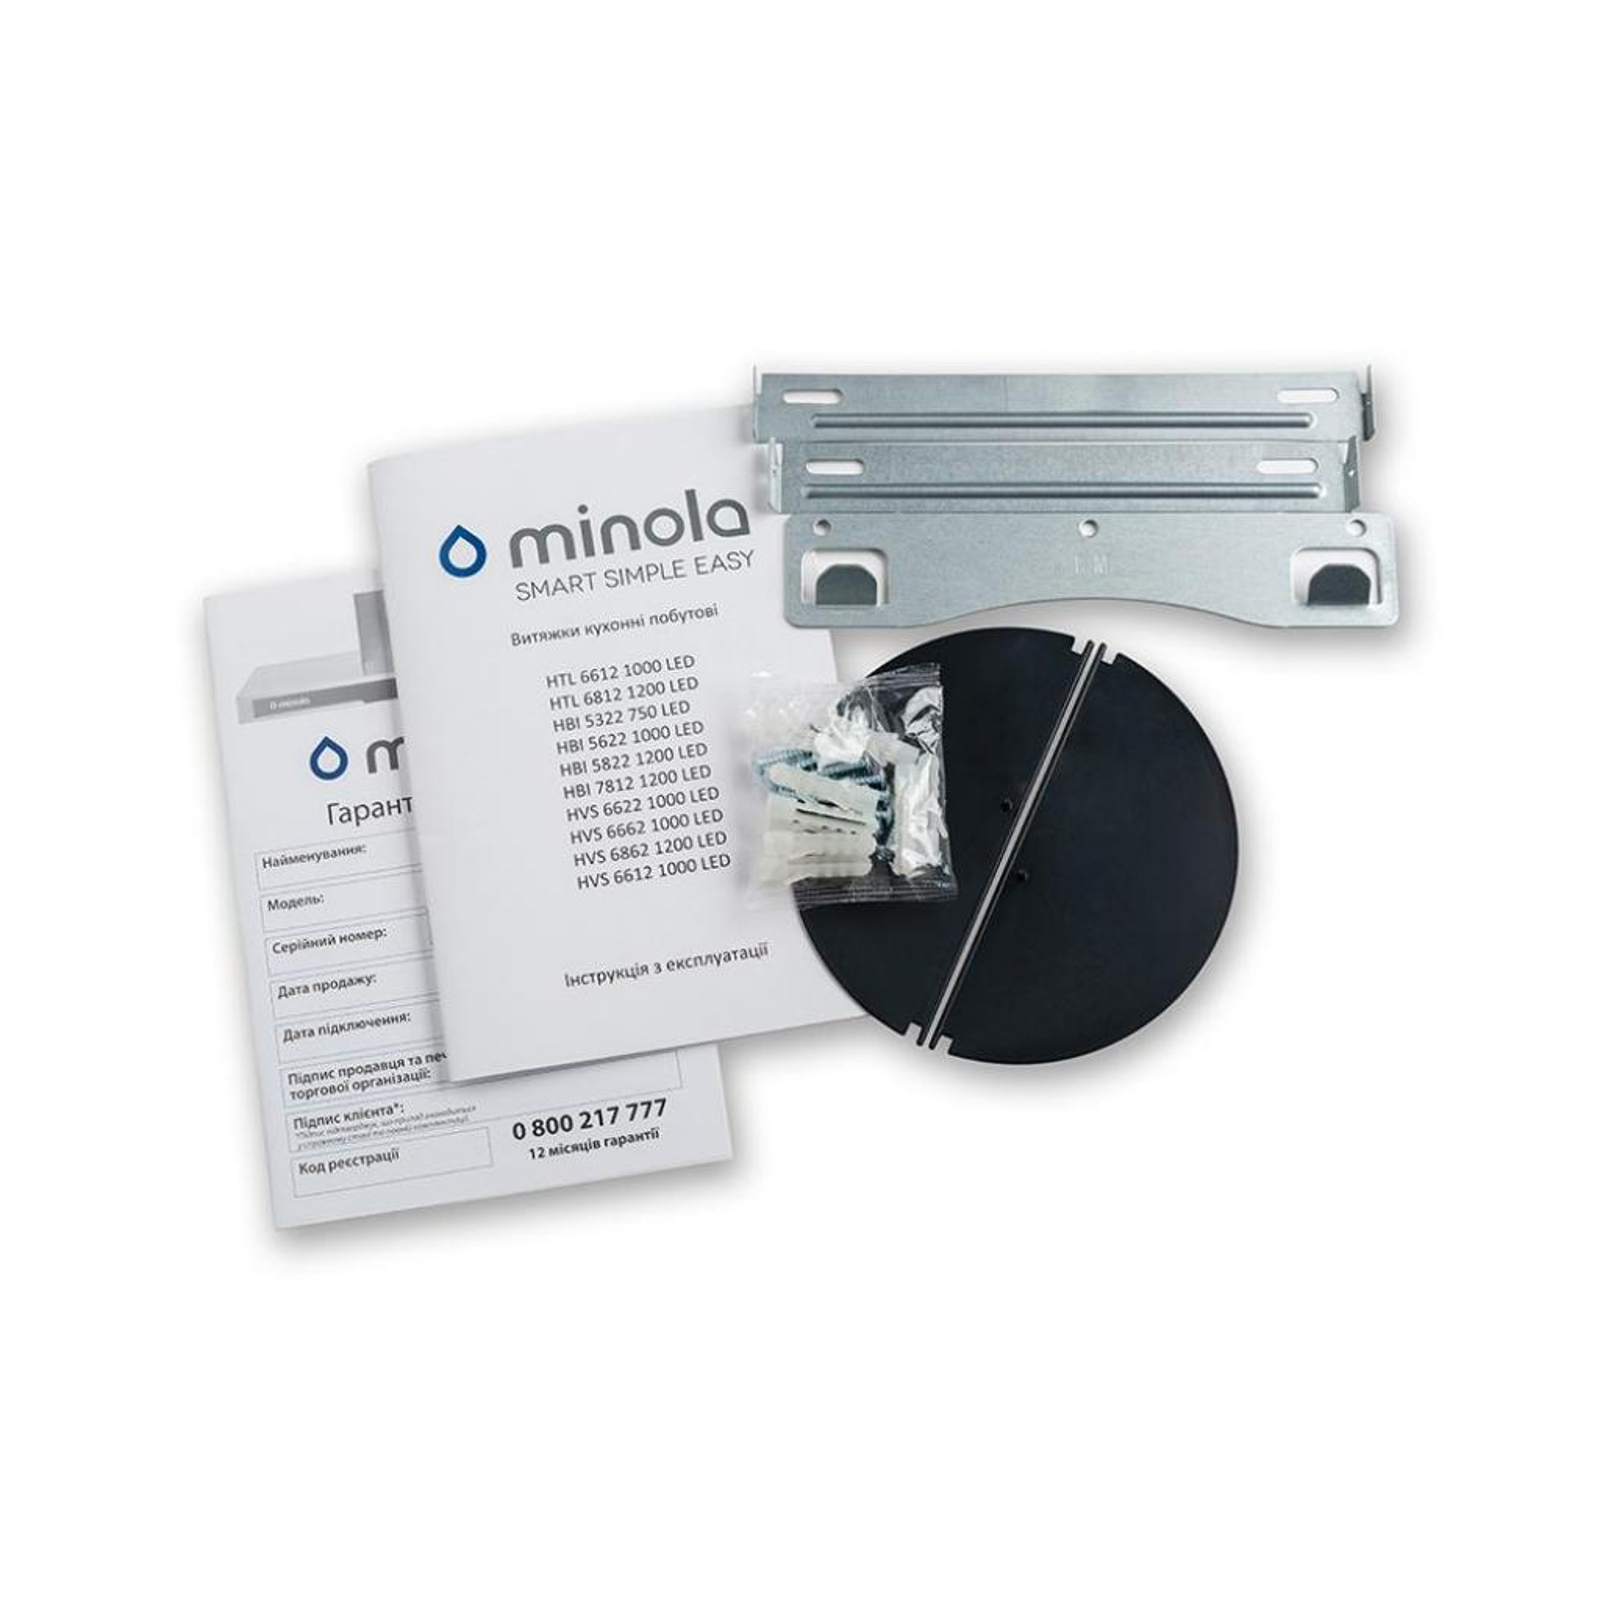 Вытяжка кухонная MINOLA HVS 6612 WH 1000 LED изображение 9